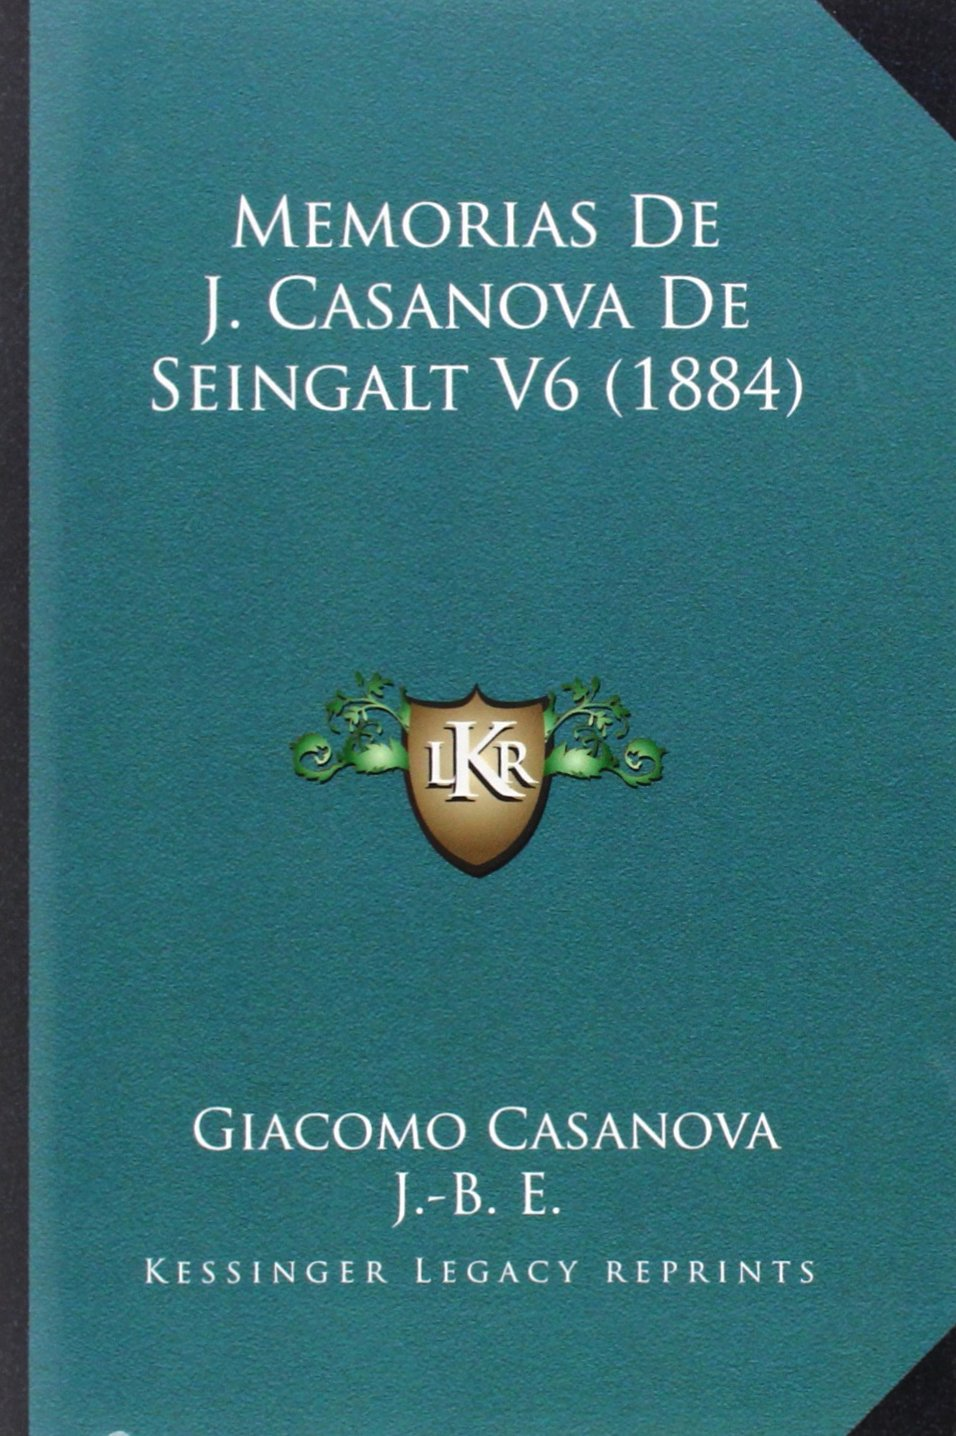 Memorias de J. Casanova de Seingalt V6 1884 Tomo sexto: Amazon.es: Giacomo Casanova, J -B E: Libros en idiomas extranjeros